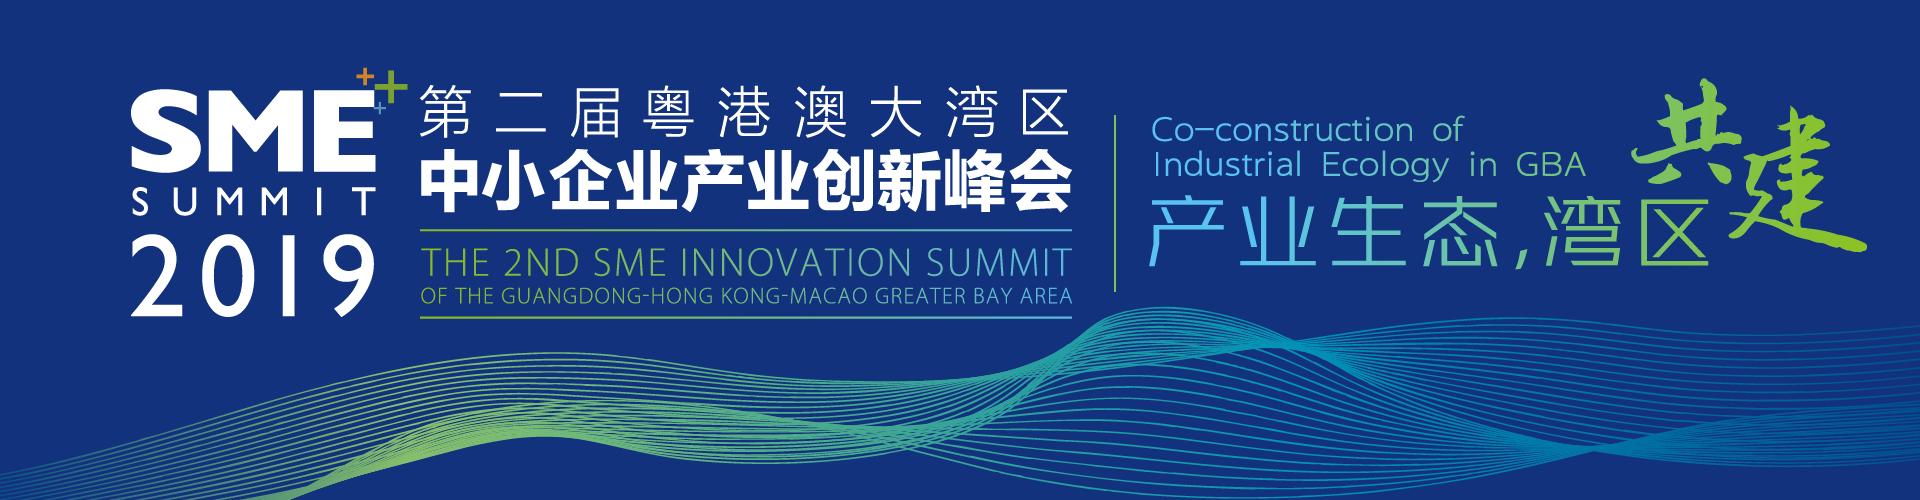 第二届粤港澳大湾区中小企业产业创新峰会